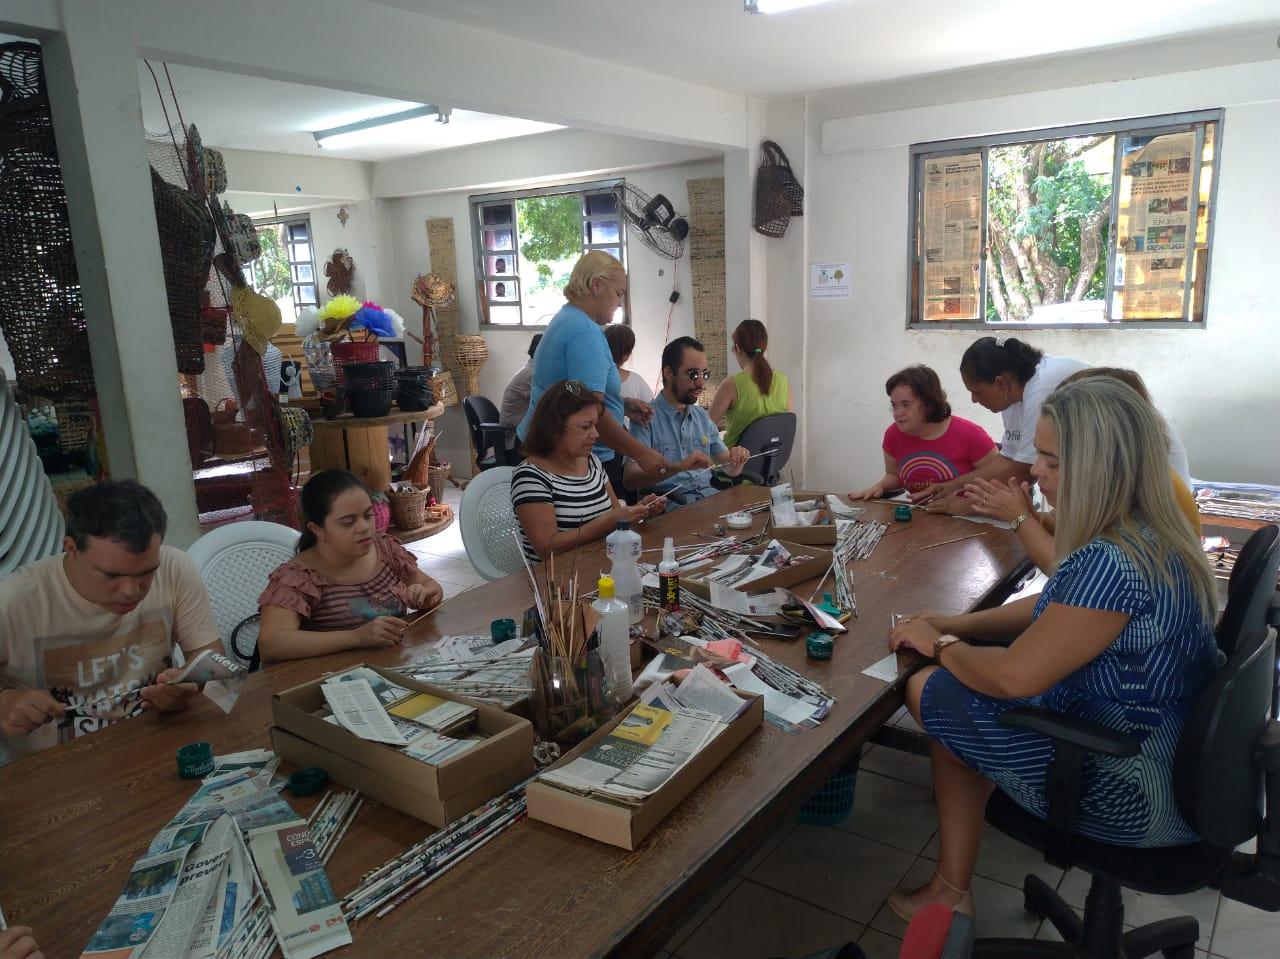 #PraTodoMundoVer  Pessoas sentadas ao redor de uma mesa cheia de objetos como cola, papel, aprendem a criar objetos com papel reciclado